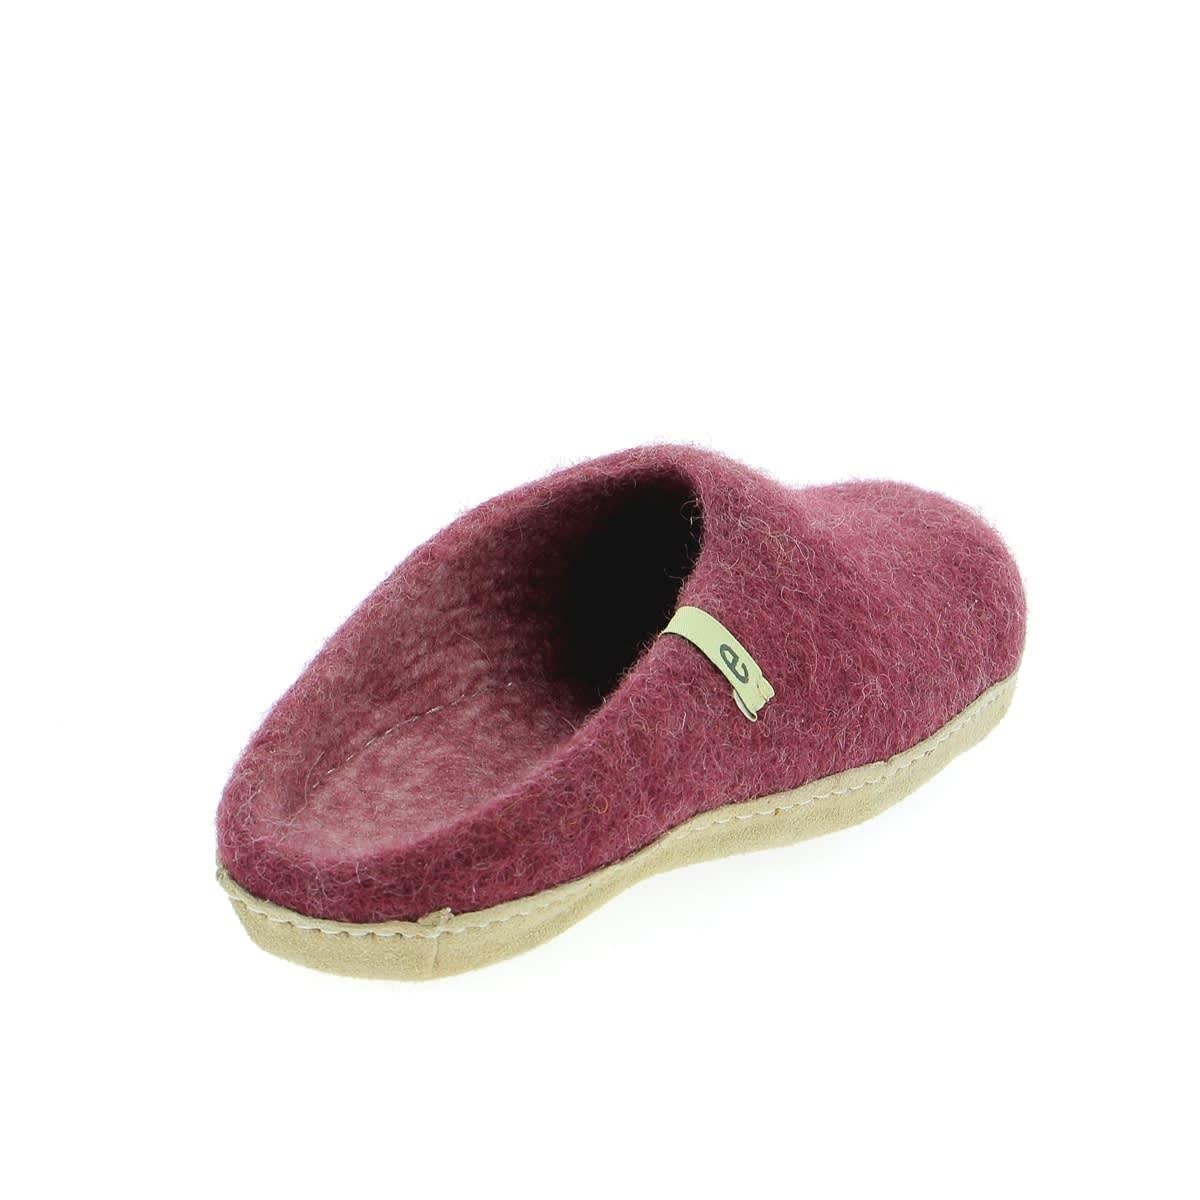 Egos Copenhagen Bordeaux Felted Wool Slippers